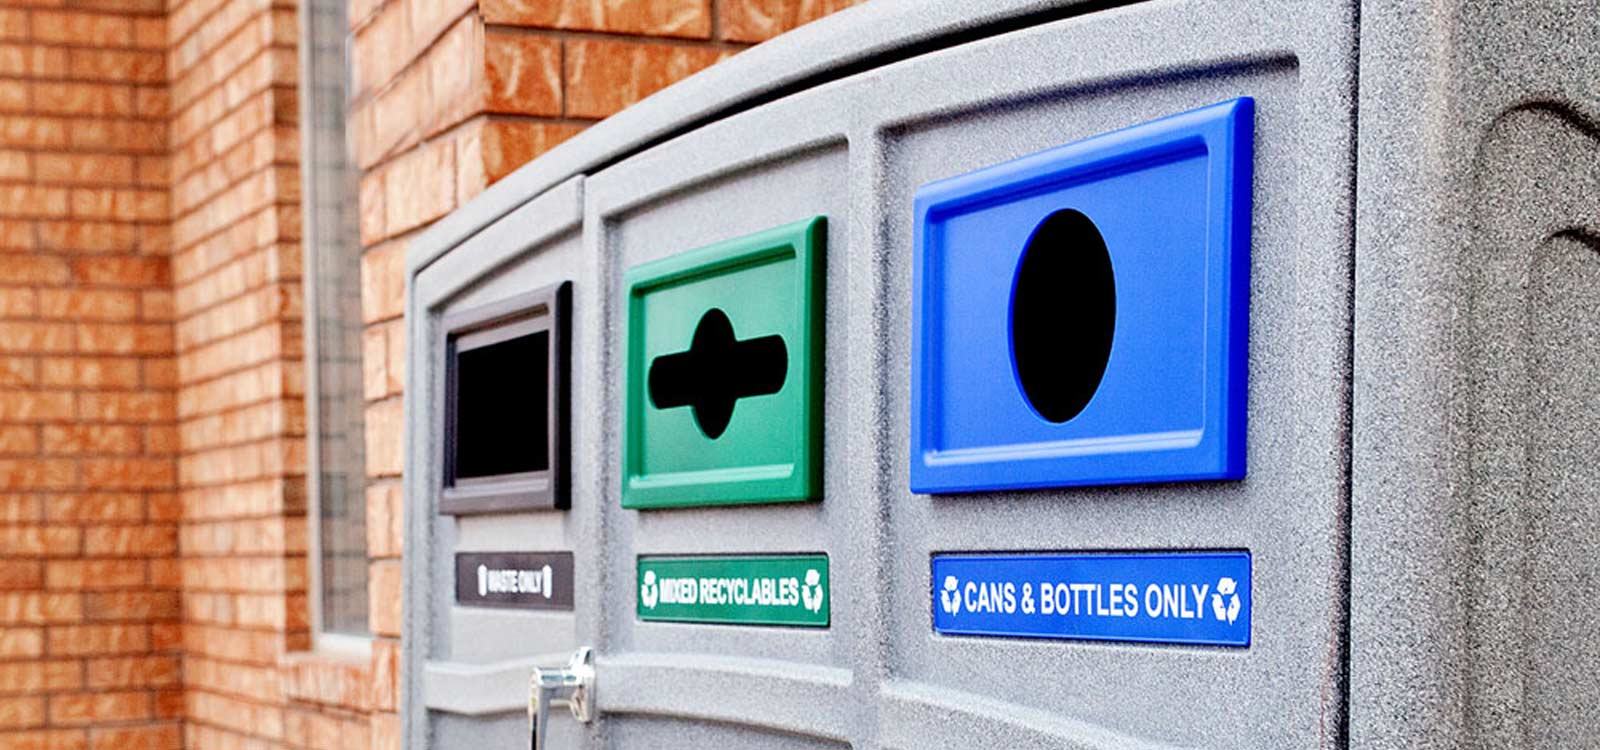 gescheiden-afvalbak-buiten-afvalscheiding